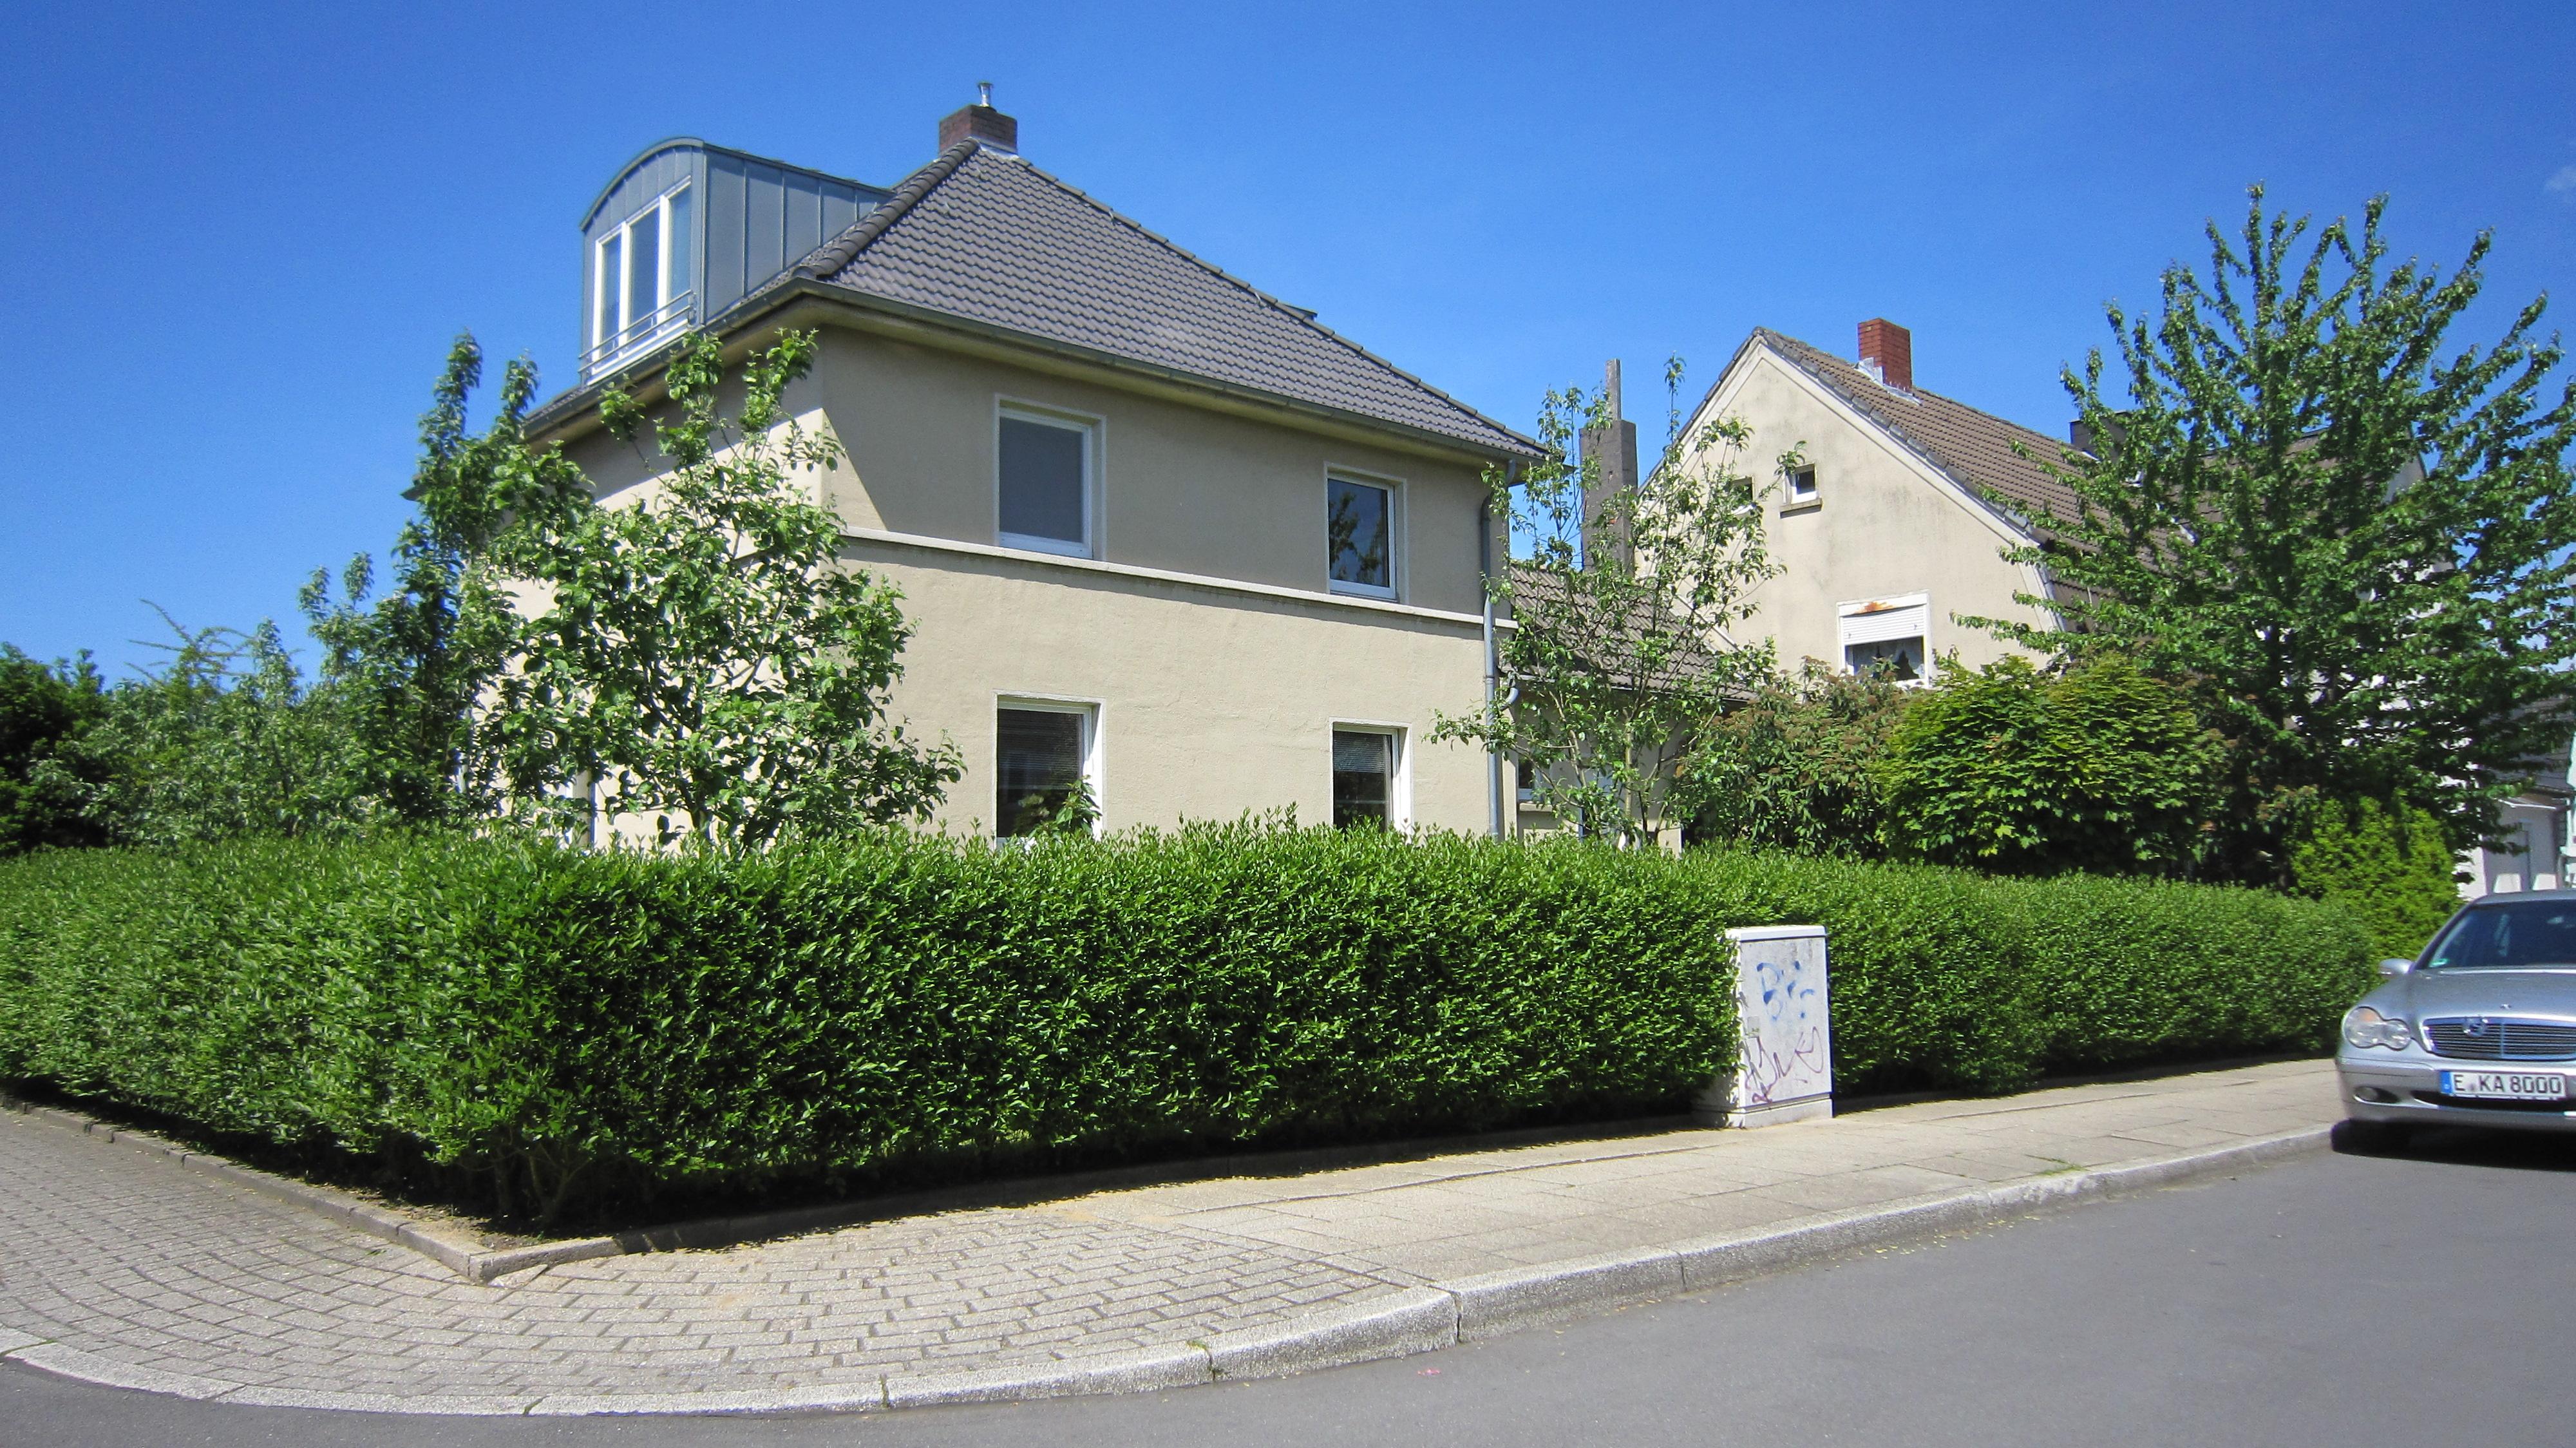 41 Schacht-Kronprinz-Straße, Essen,